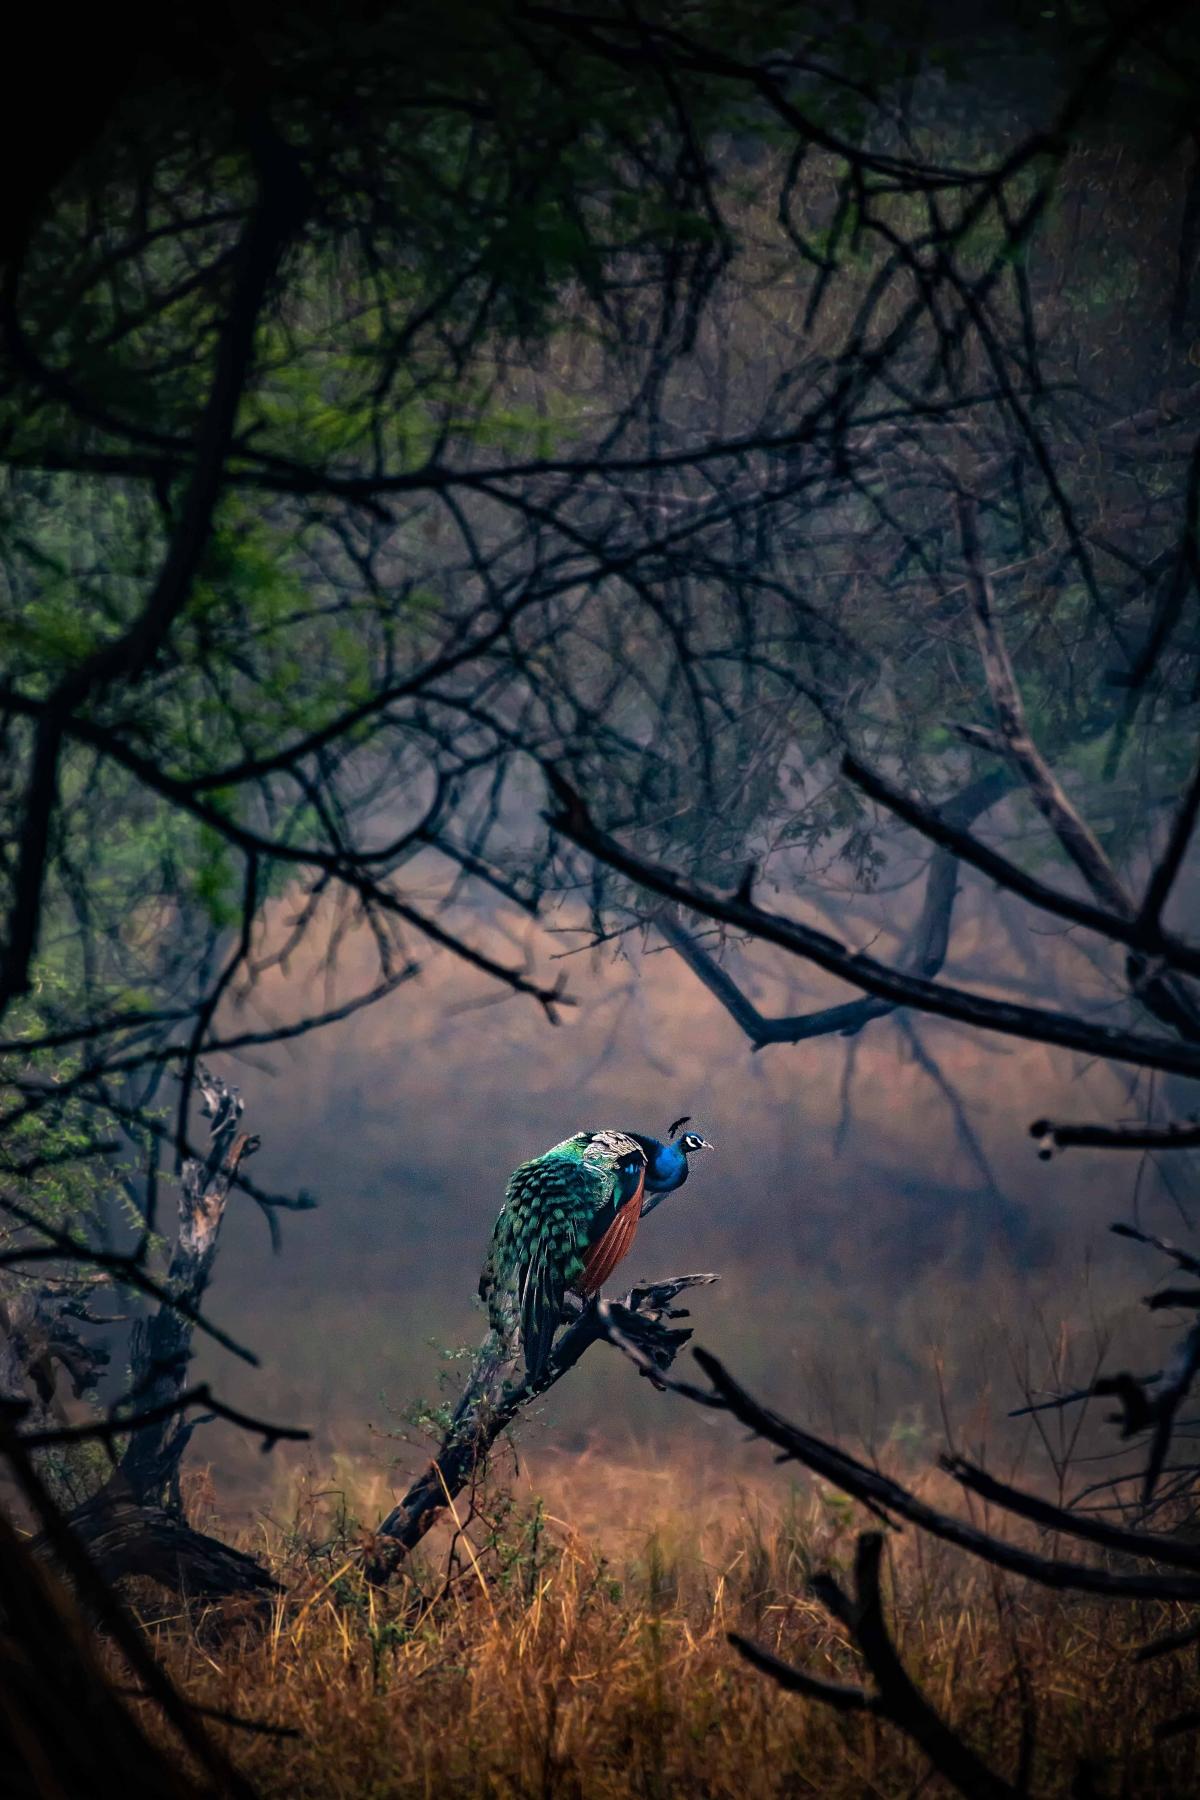 Pic by Rahul Kahar